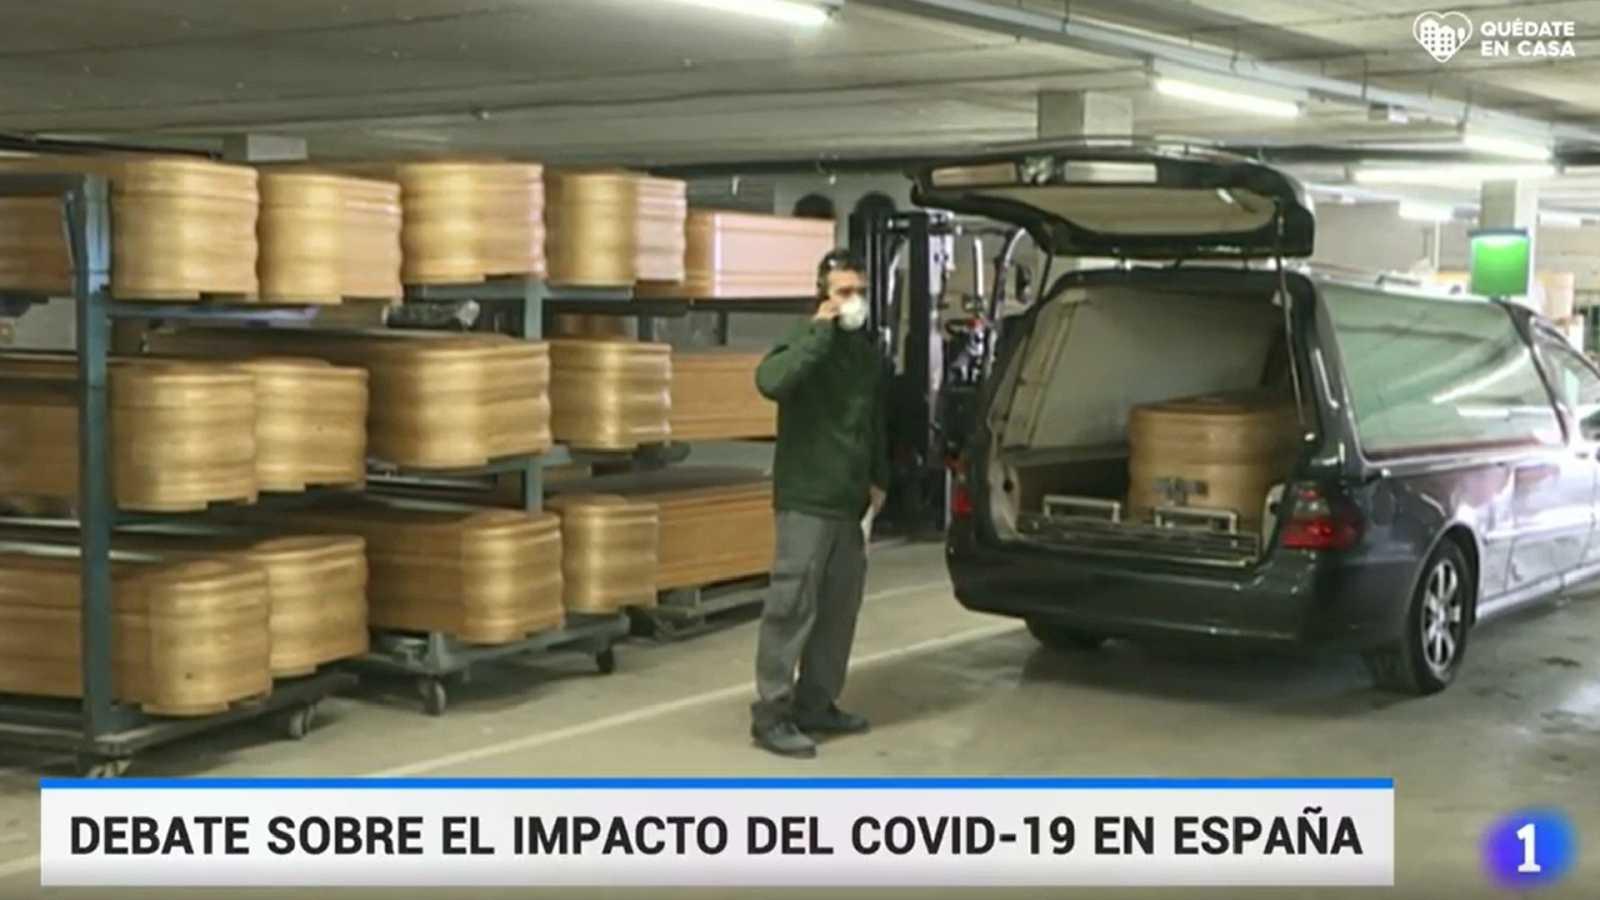 Imagen del Telediario del pasado 8 de abril.